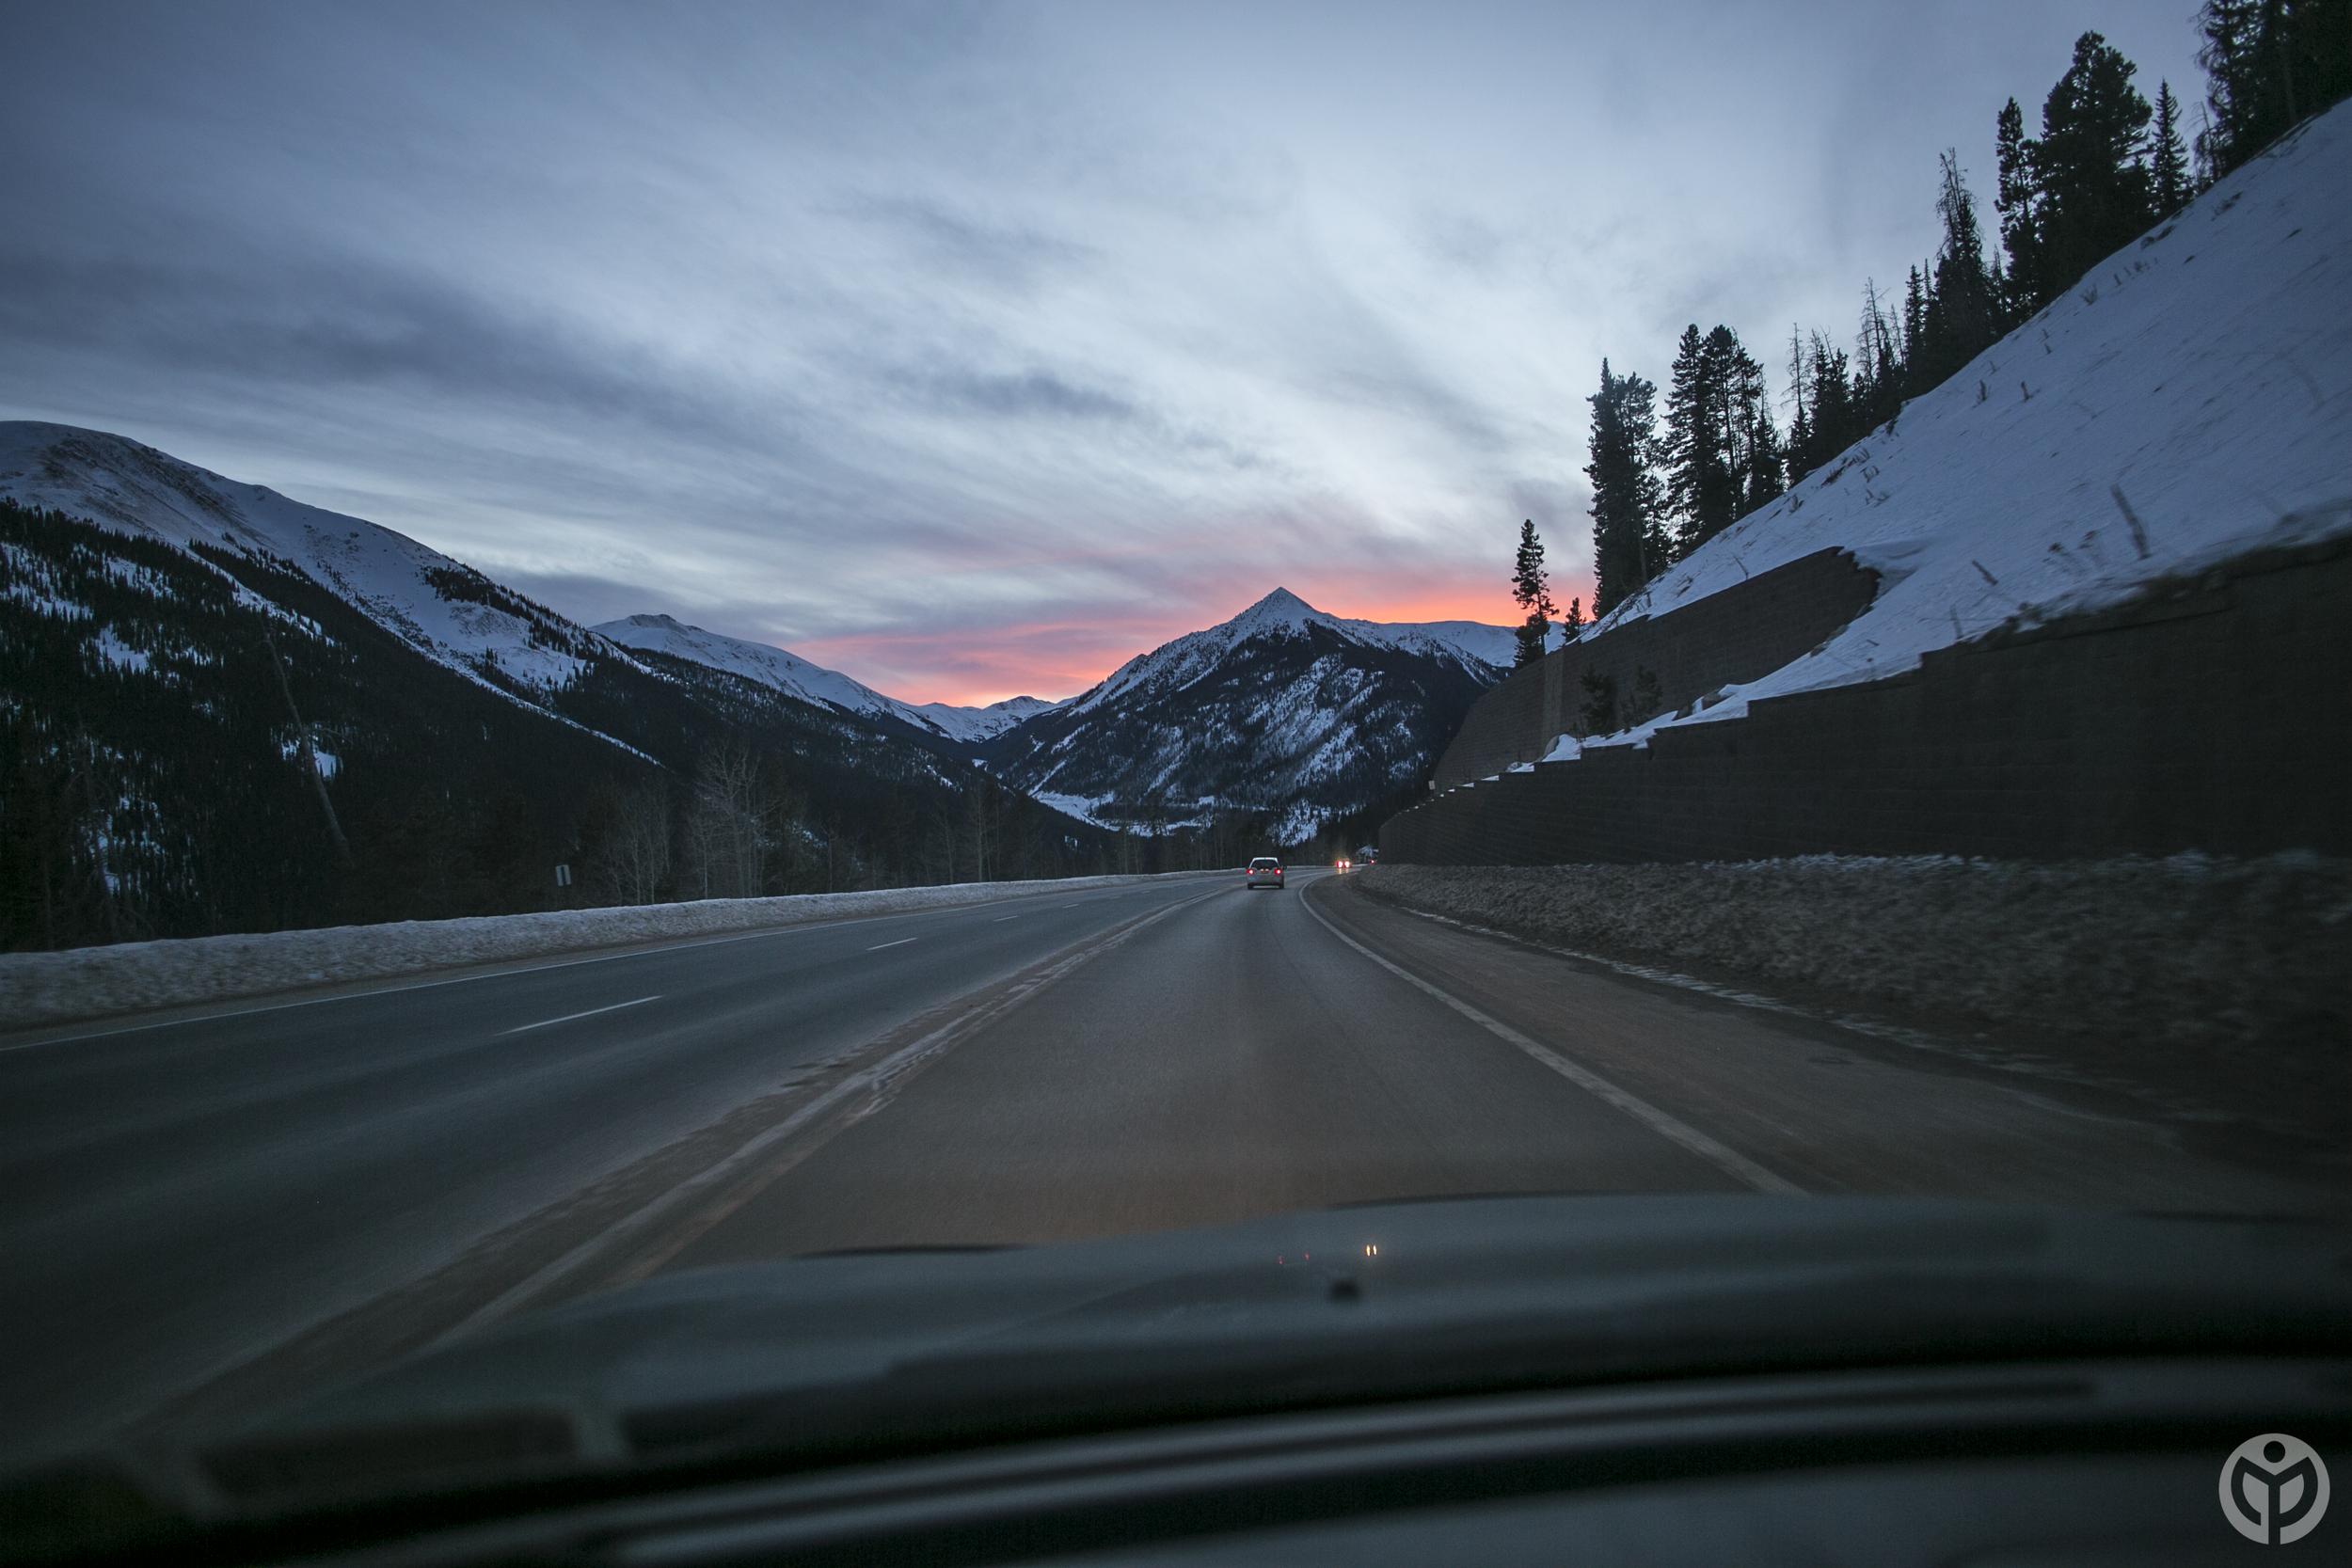 Colorado_2.png